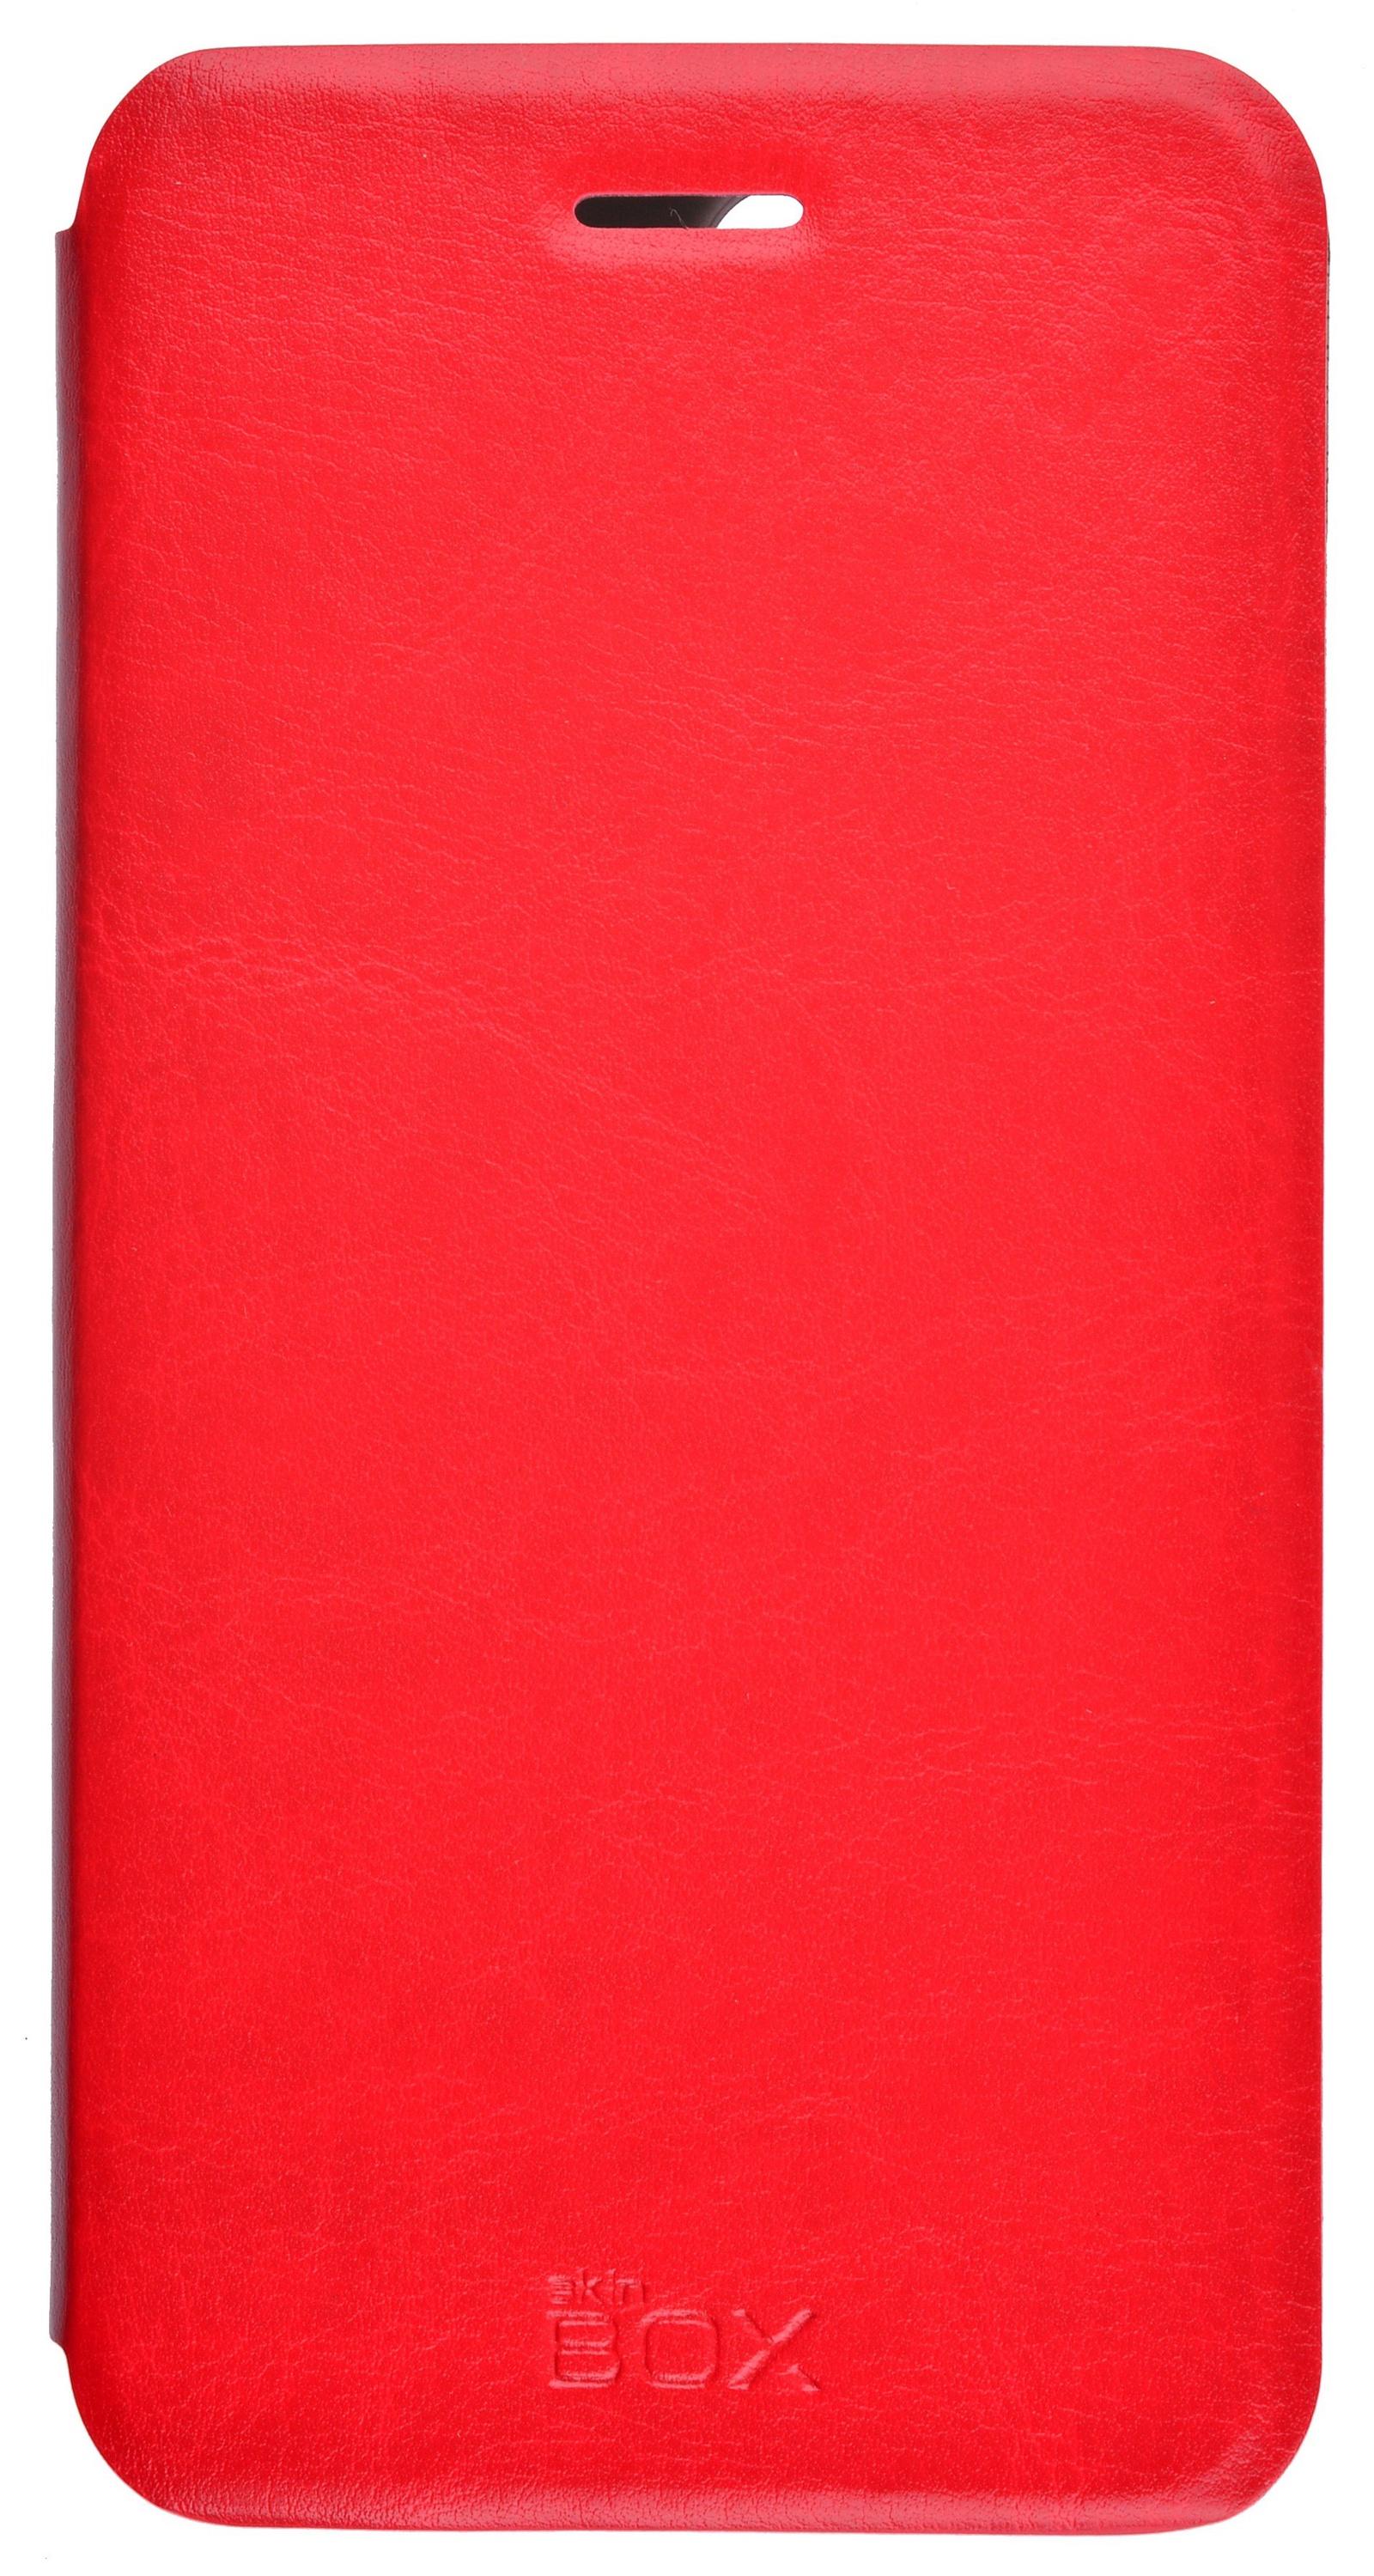 Чехол для сотового телефона skinBOX Lux, 4630042528802, красный цена и фото